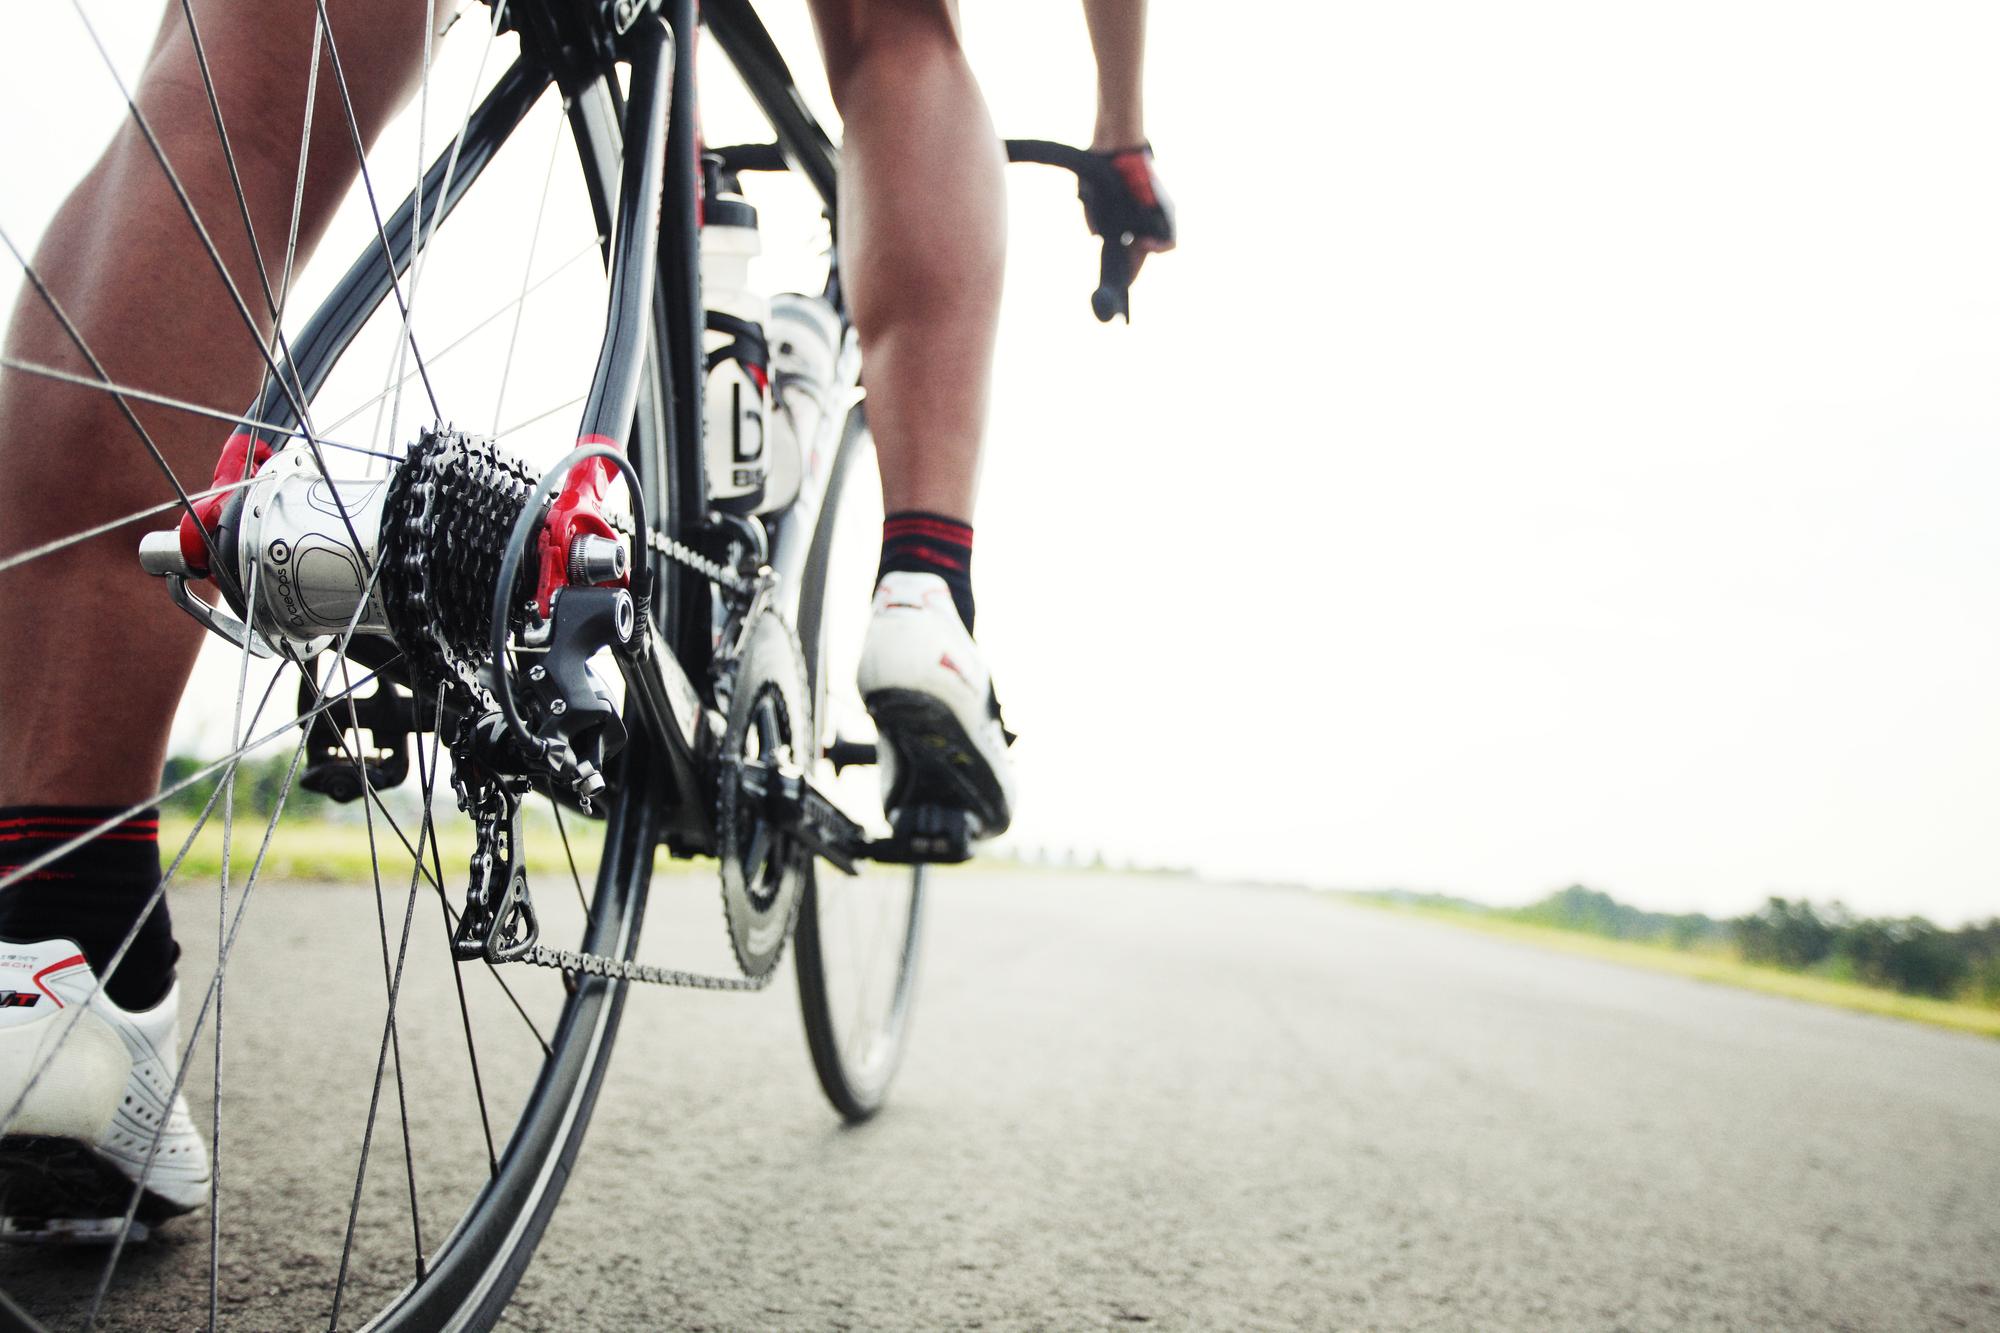 ロードバイクやマウンテンバイクで大活躍!ビンディングペダルの基本と注意点について